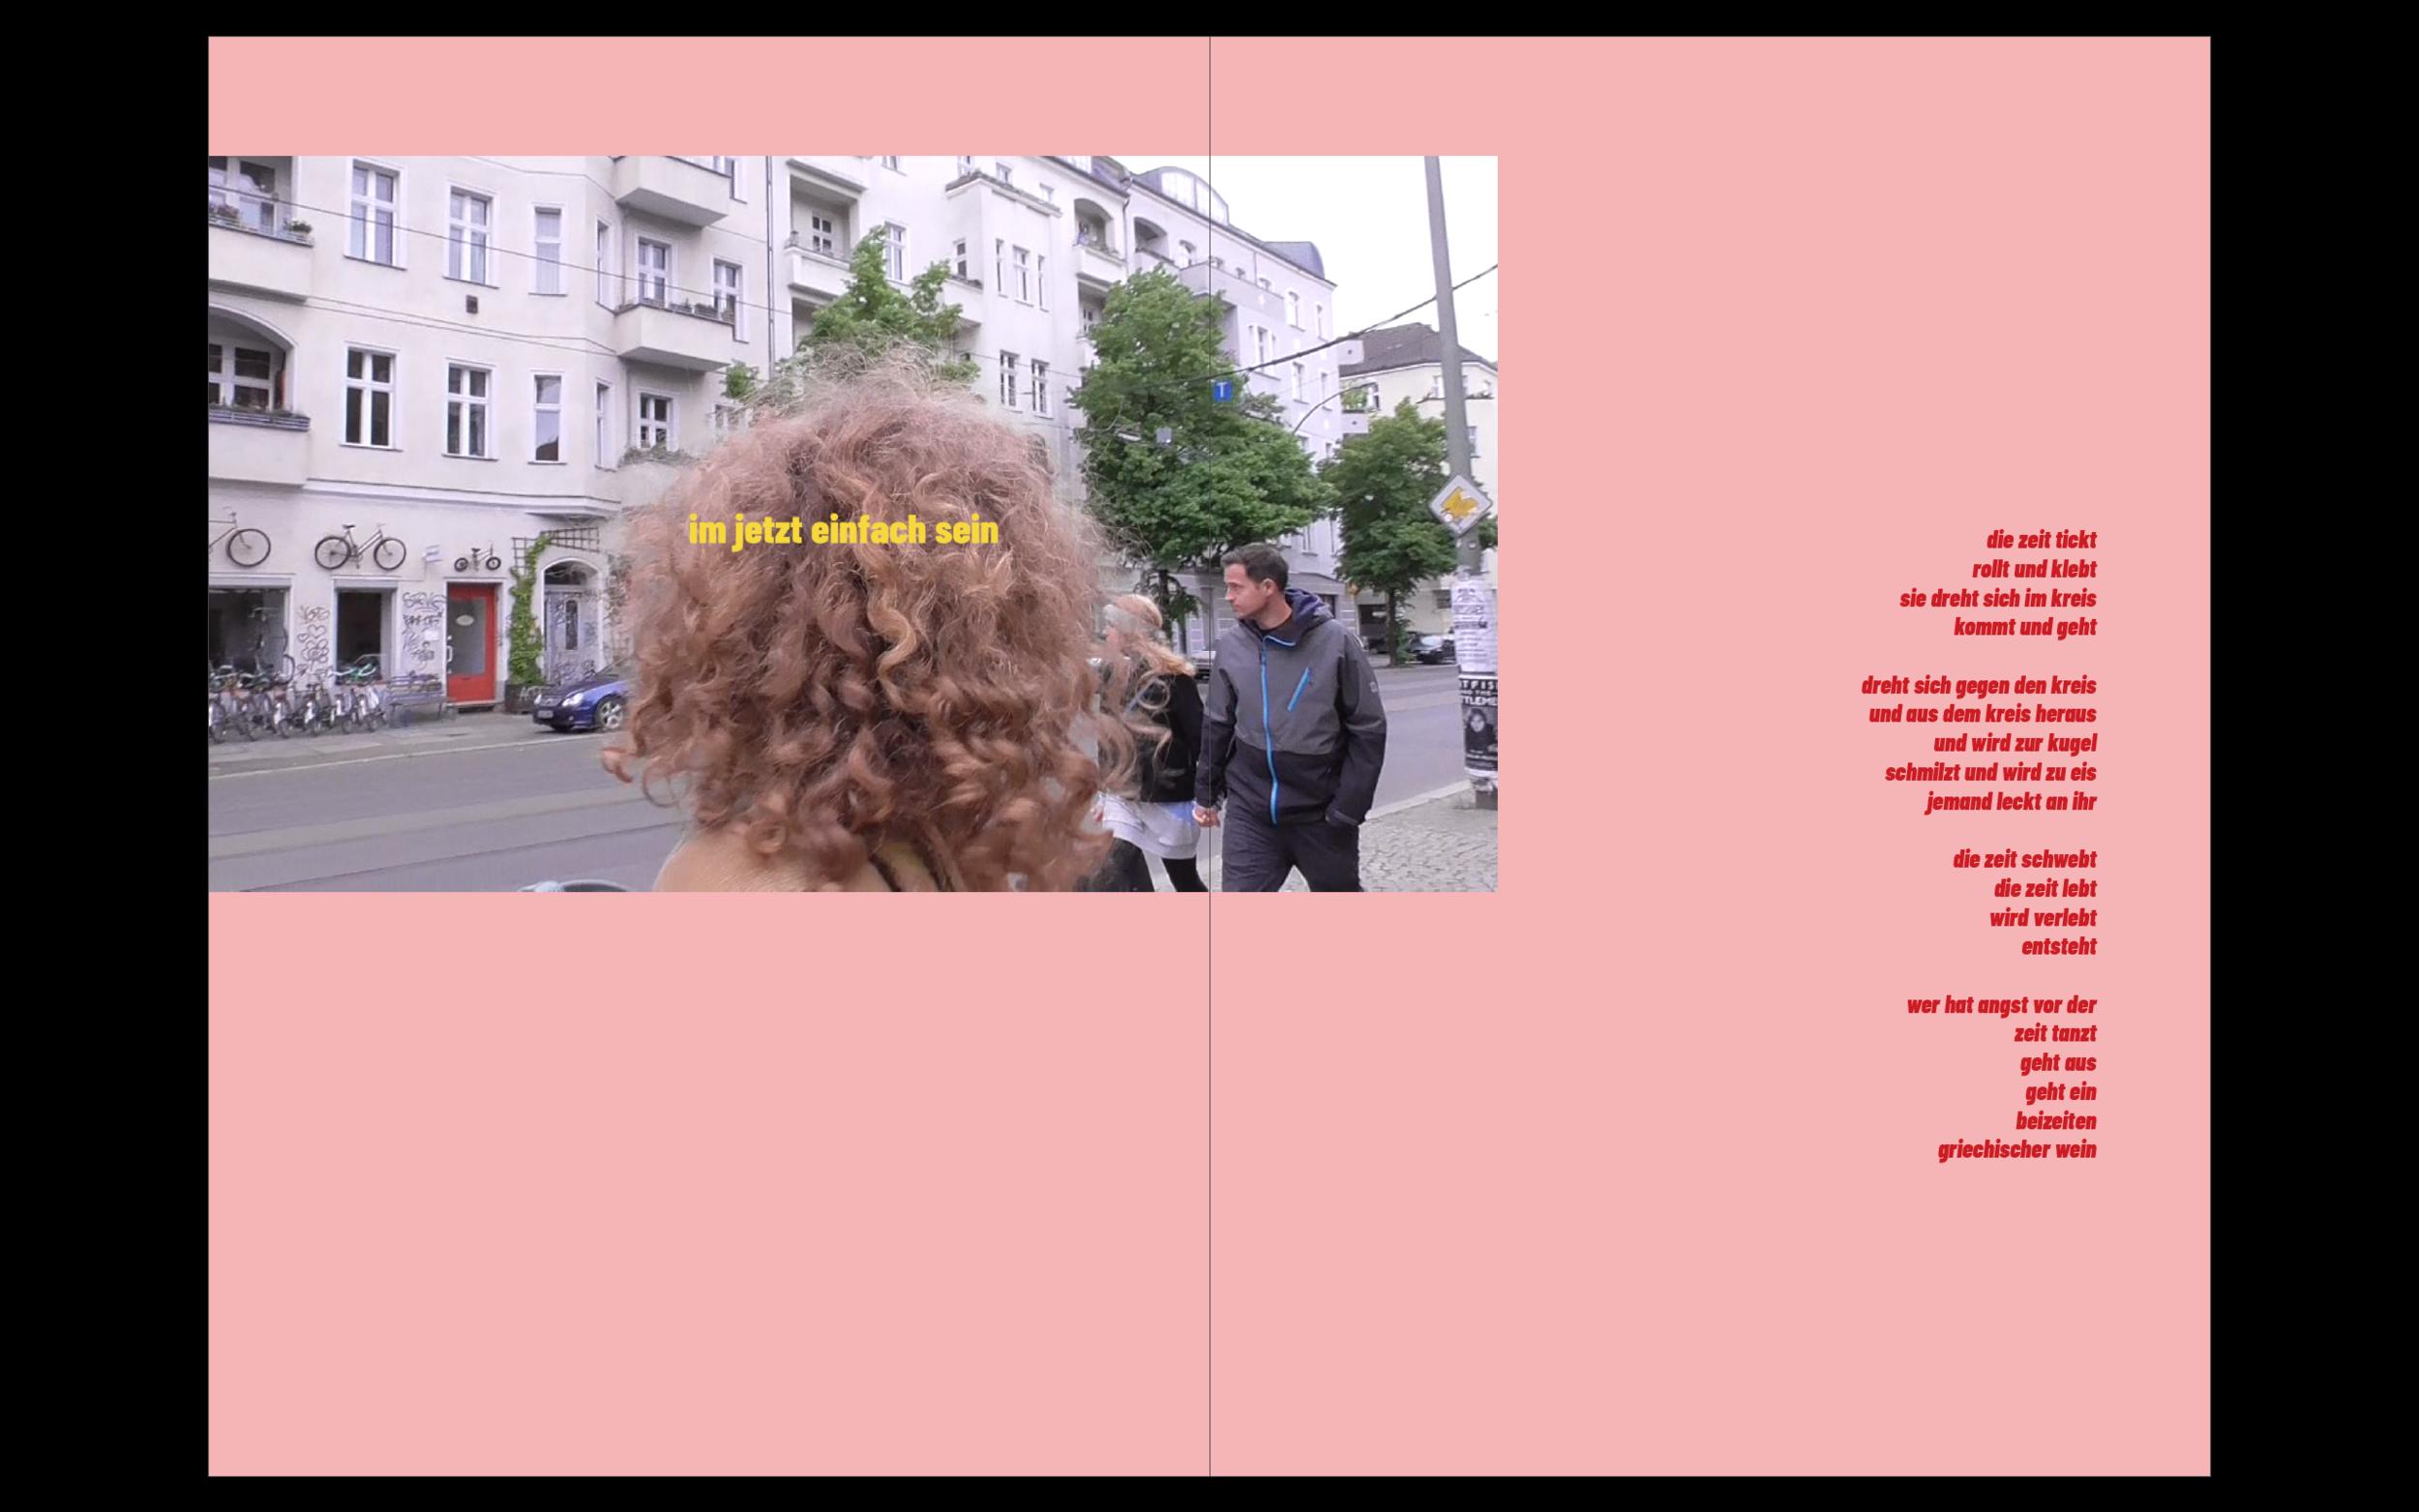 Bildschirmfoto 2019-07-17 um 08.52.27.png